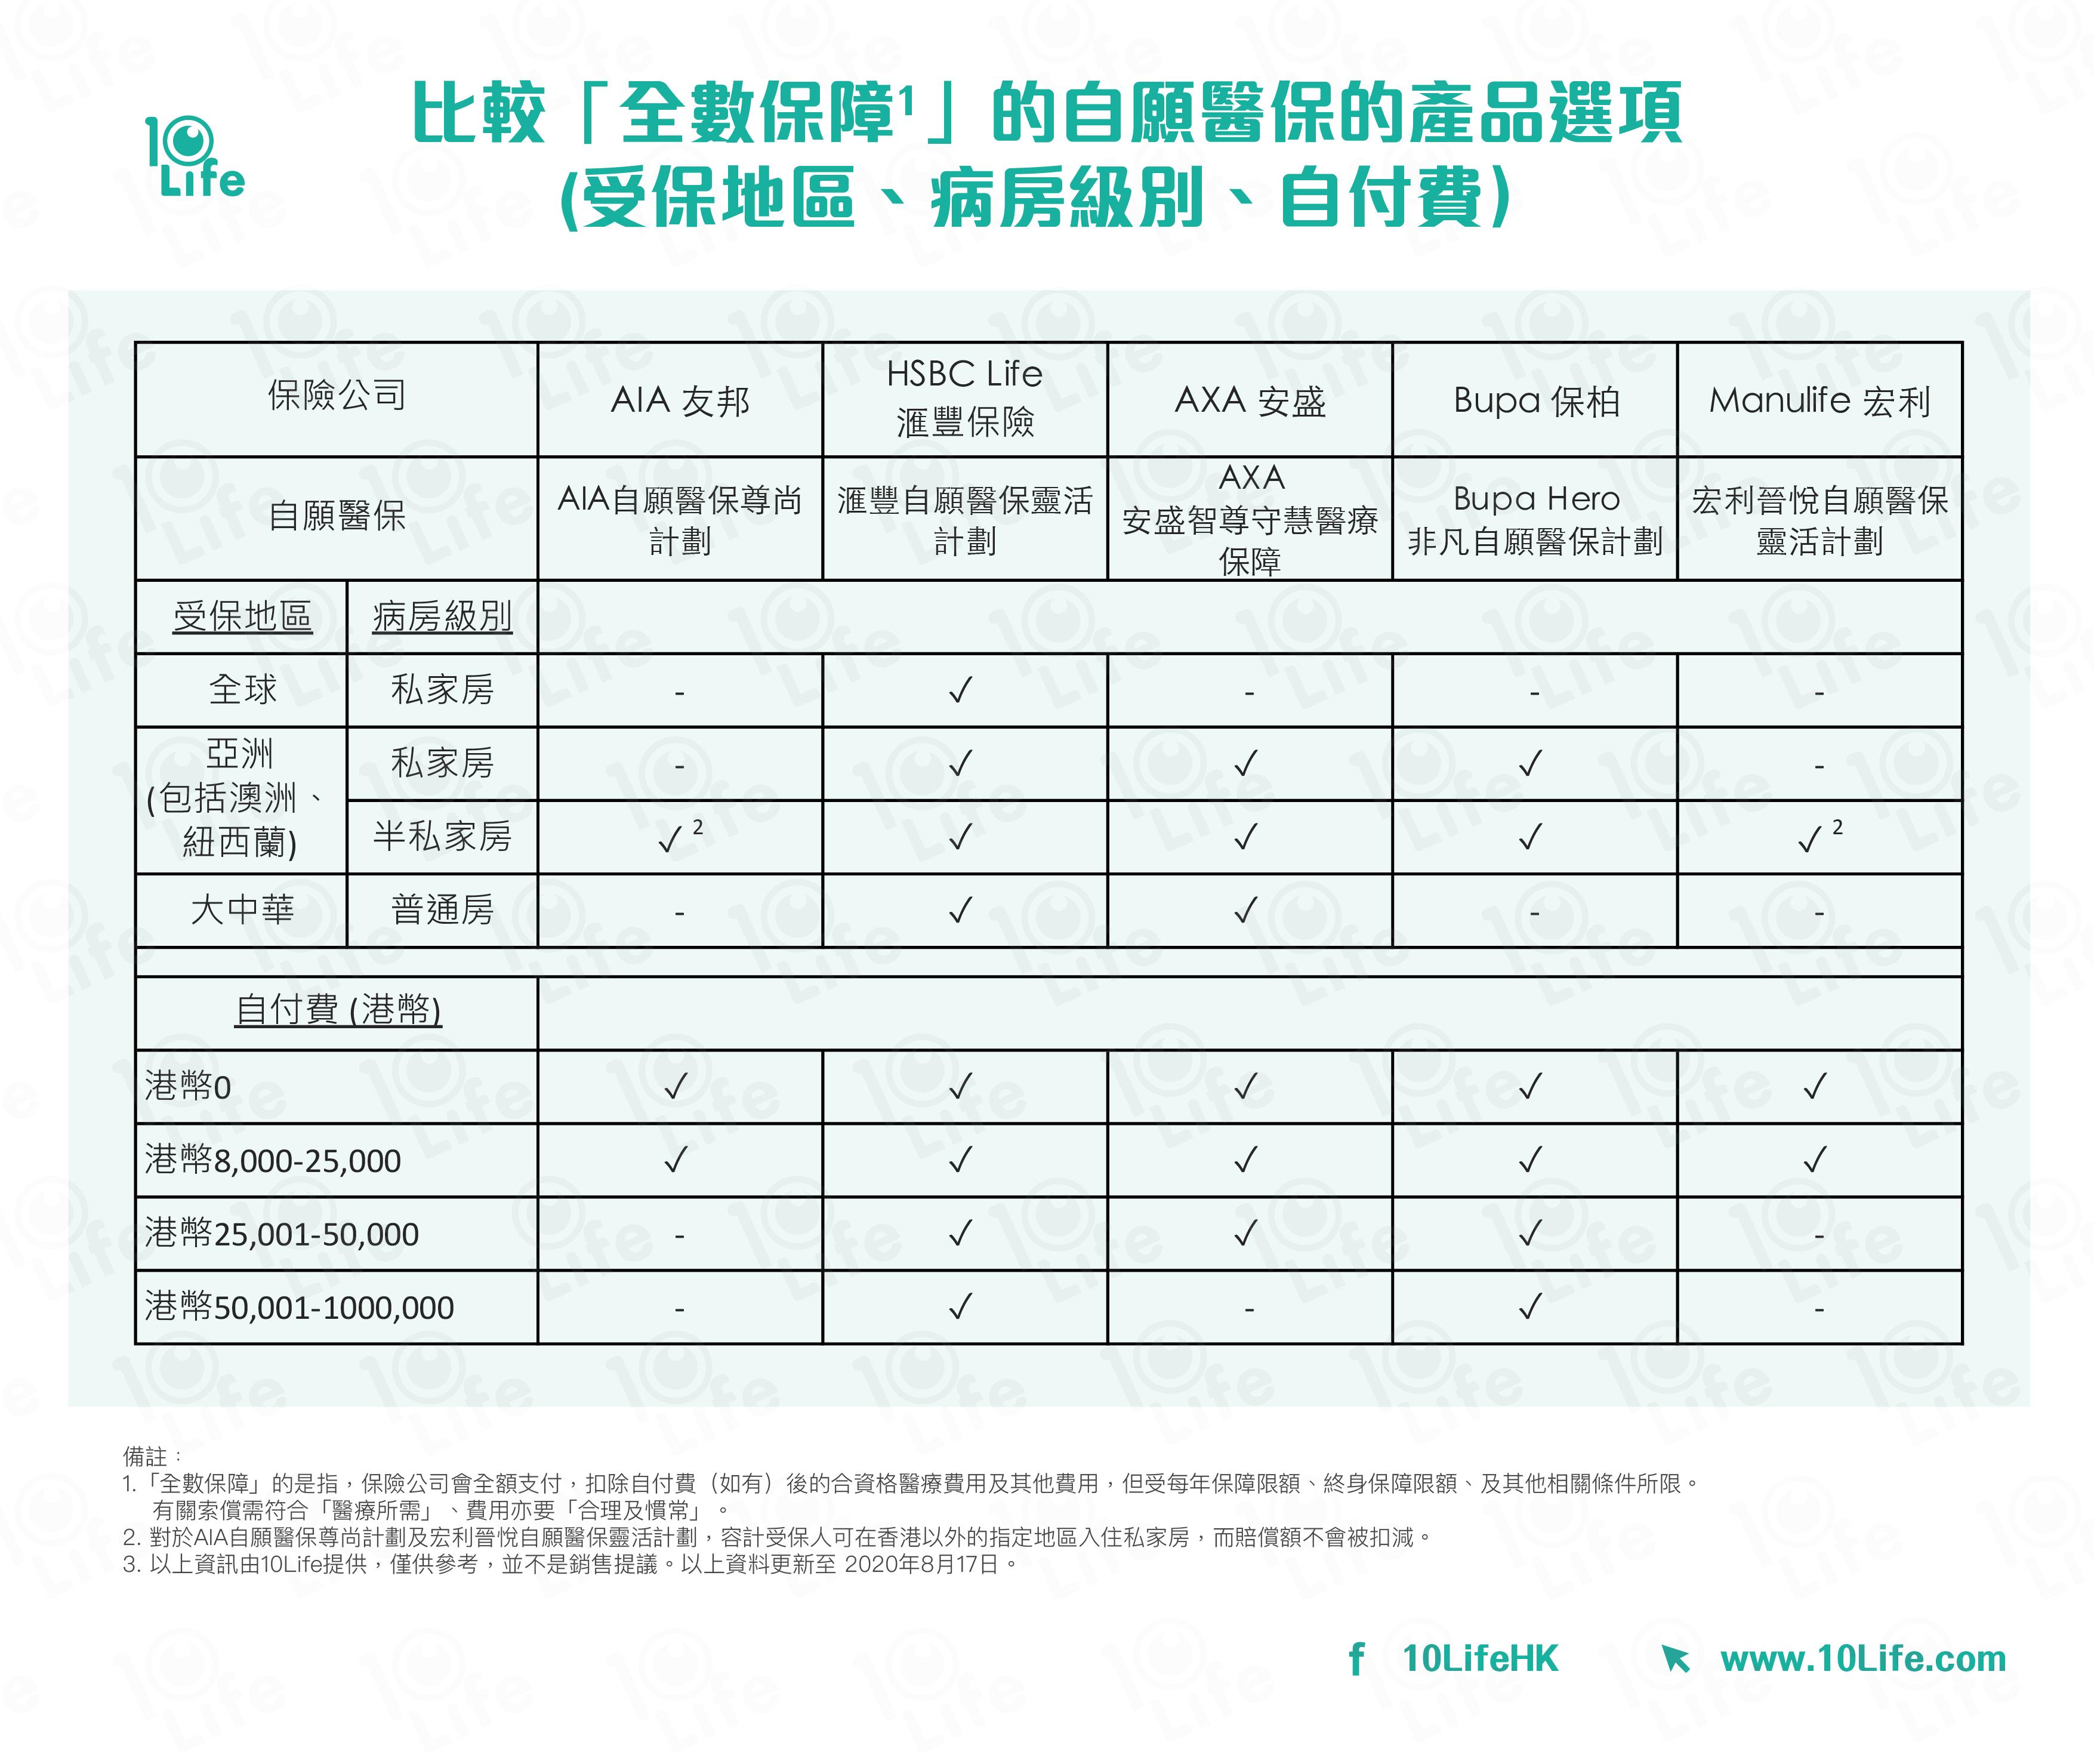 比較「全數保障」的自願醫保的產品選項 (受保地區、病房級別、自付費)